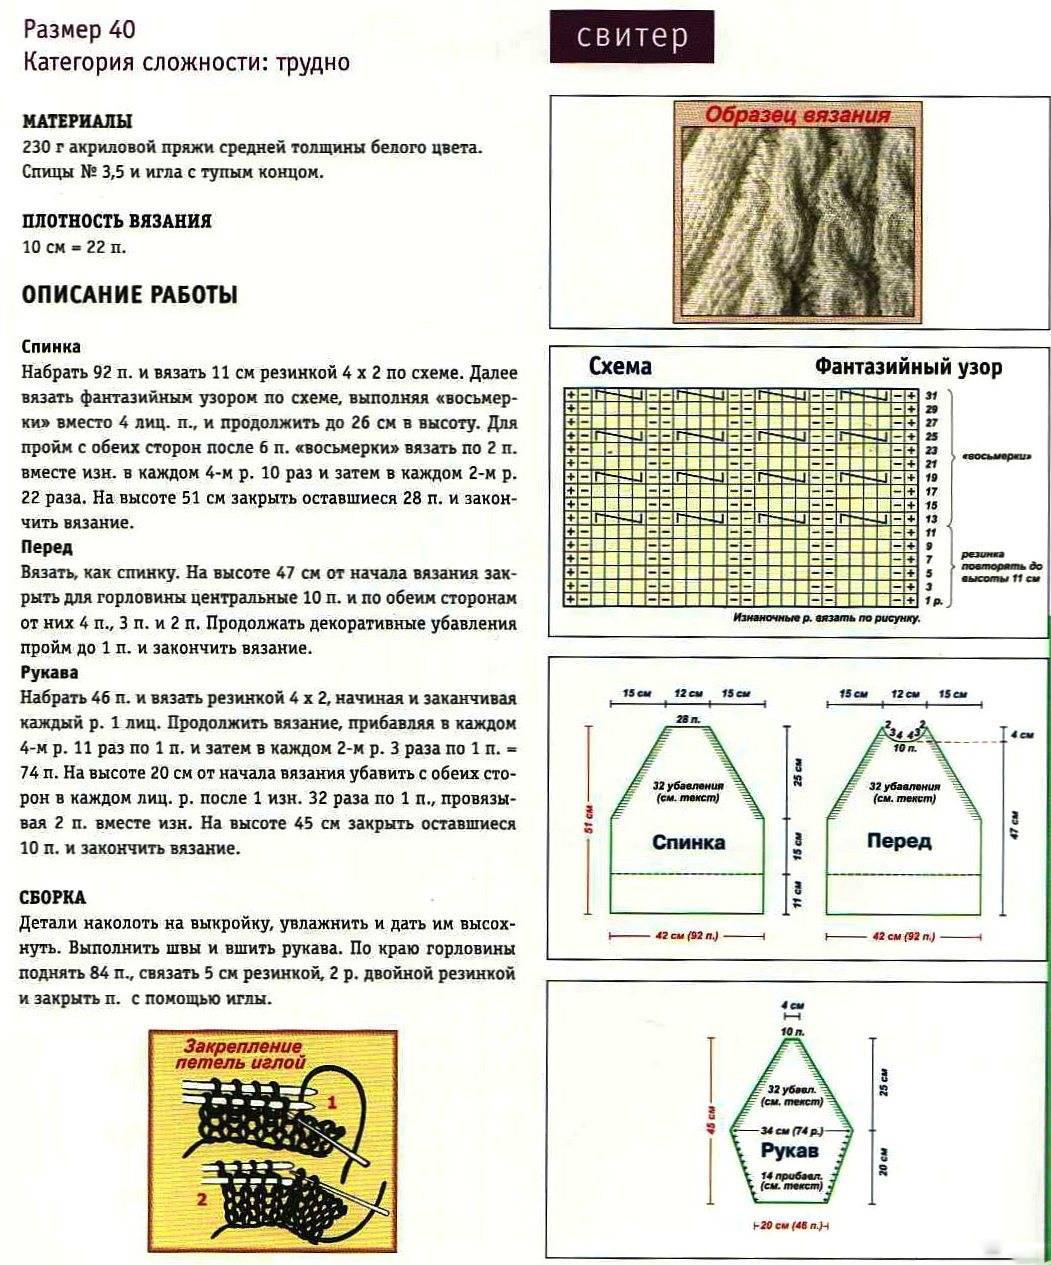 электронные схемы по вышивке крестом